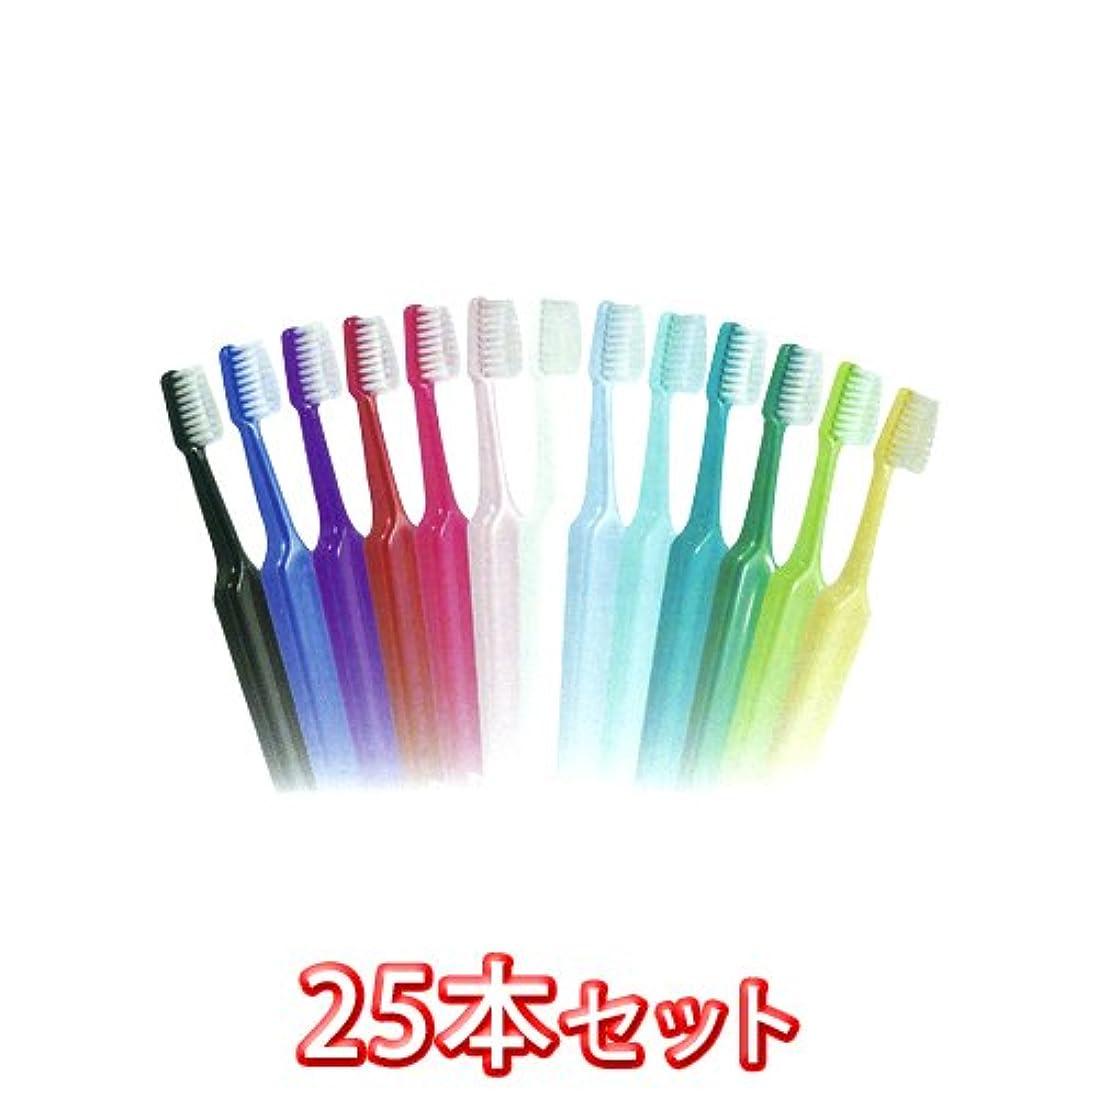 理容室カビ国民投票TePeテペセレクトコンパクト歯ブラシ 25本(コンパクトミディアム)